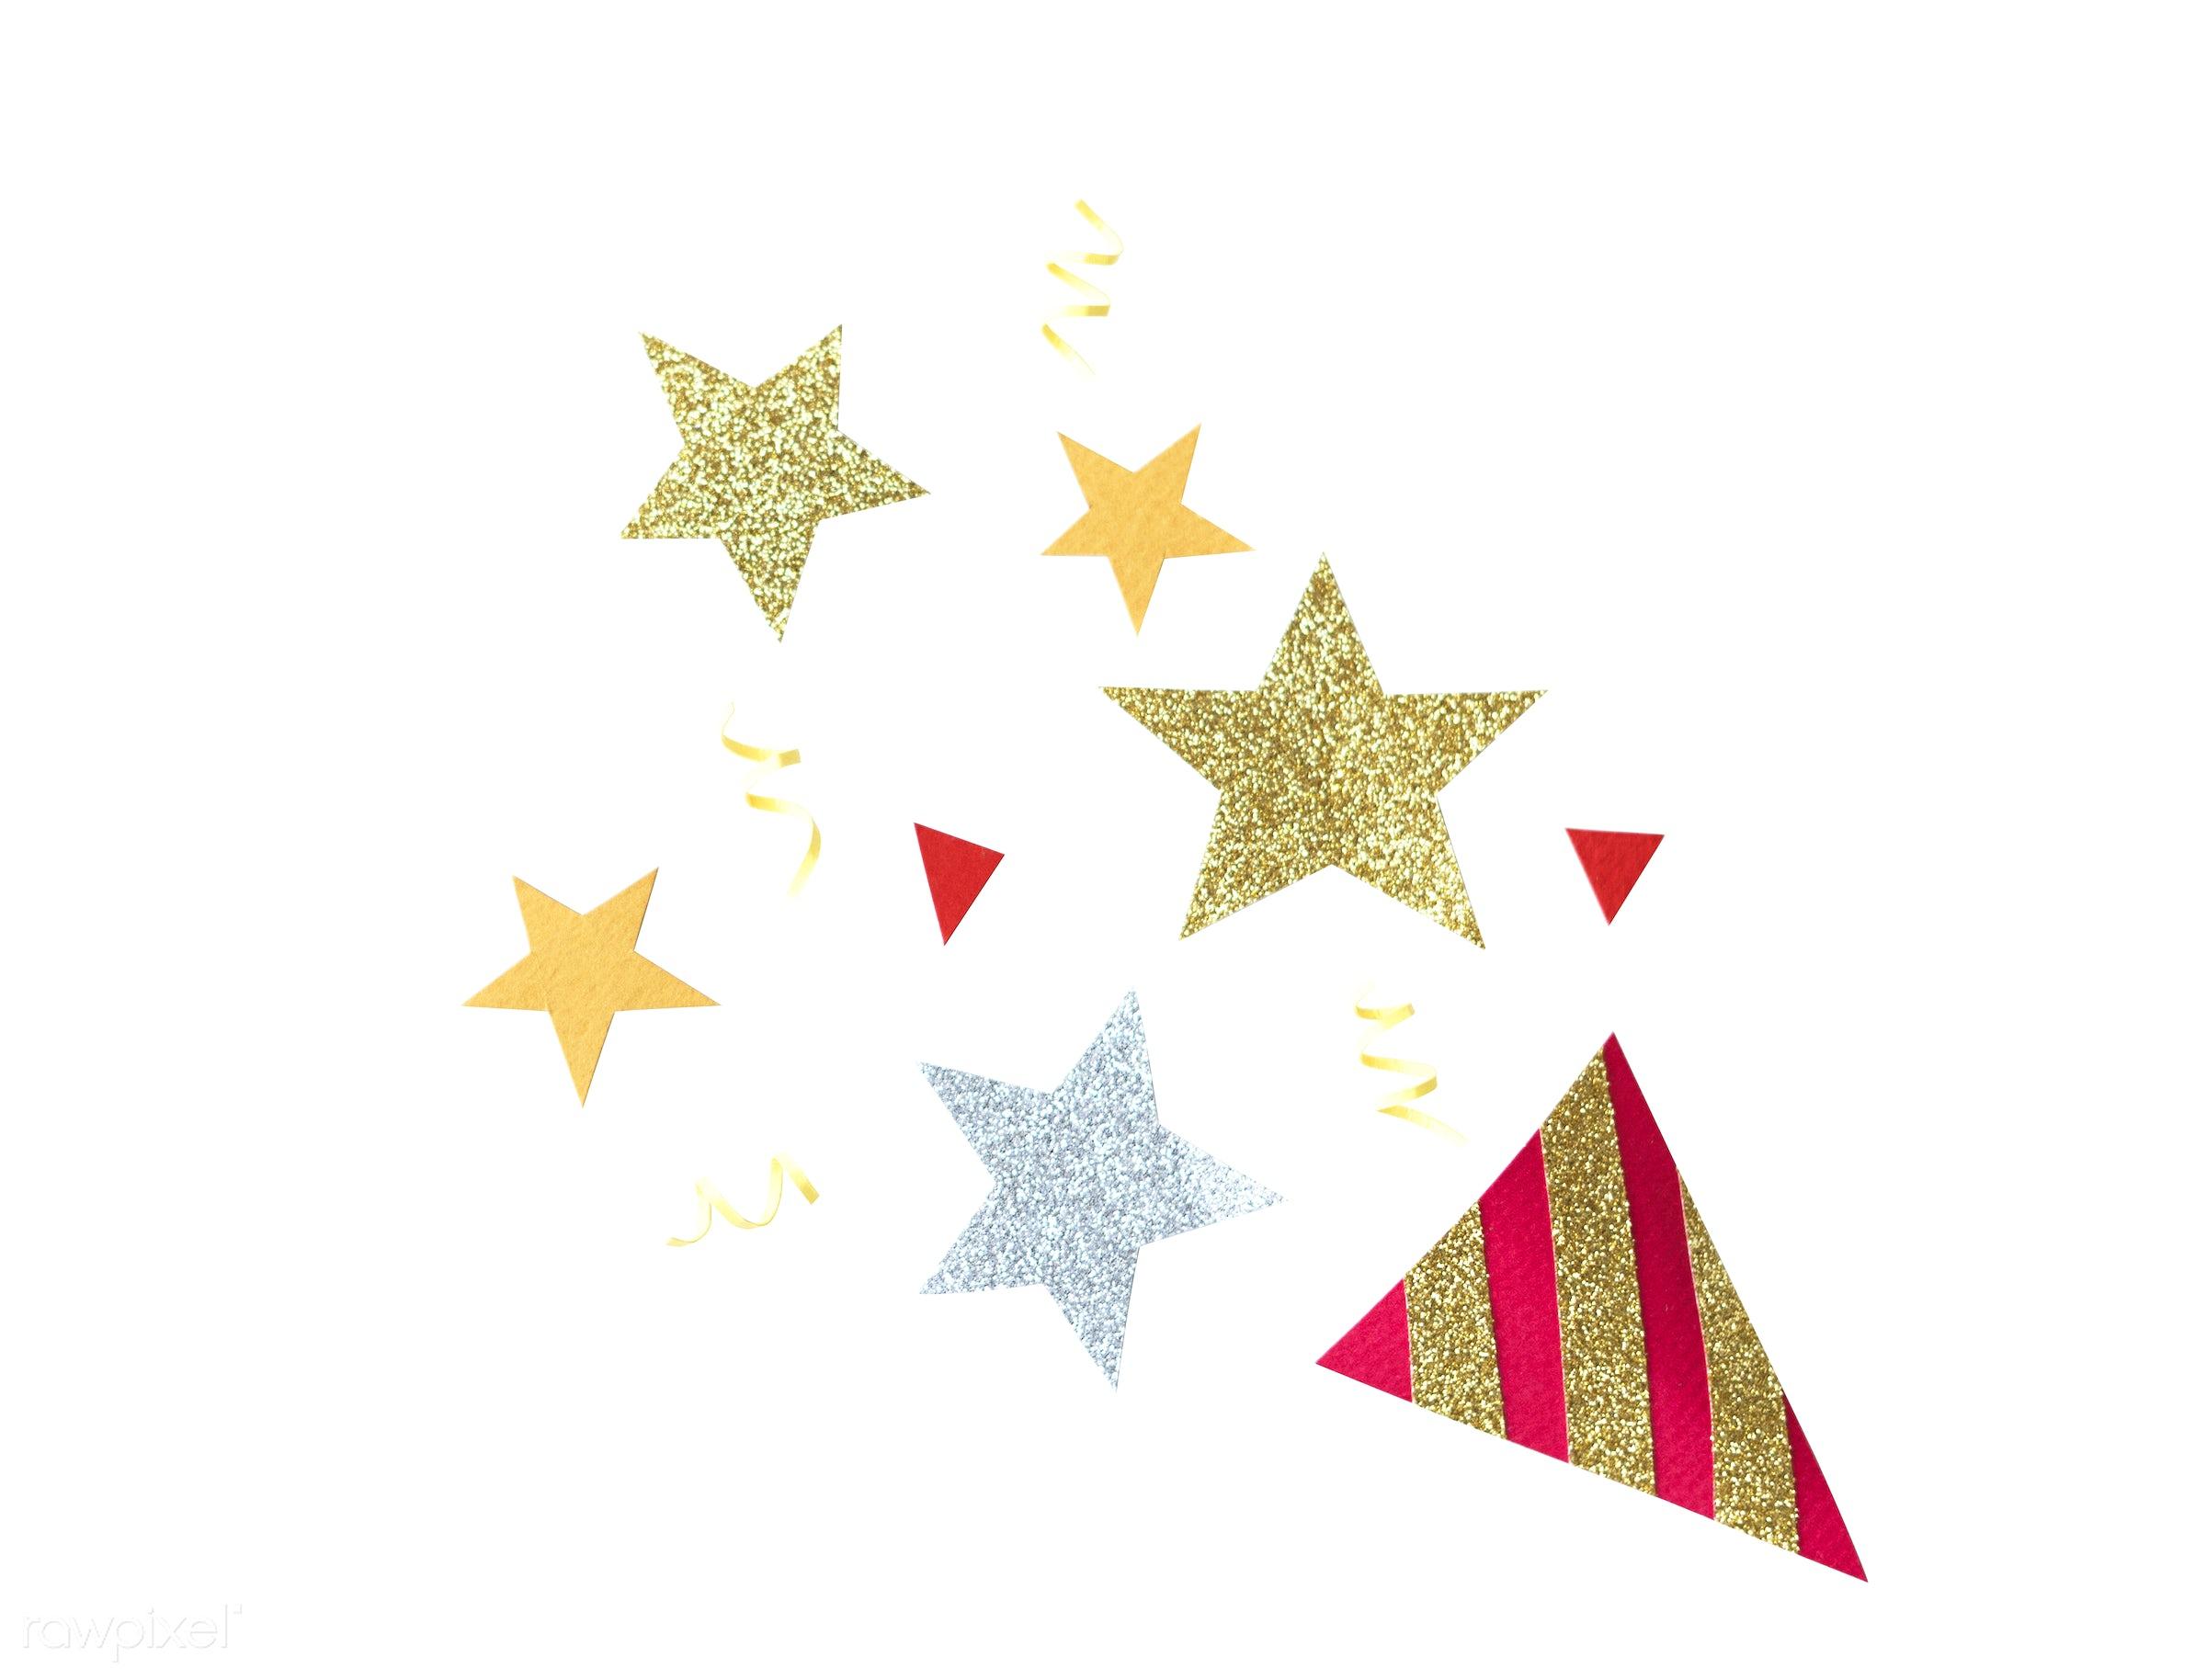 confetti, festive, new year, anniversary, annual, celebrate, celebration, champagne, cheerful, concept, december, decoration...